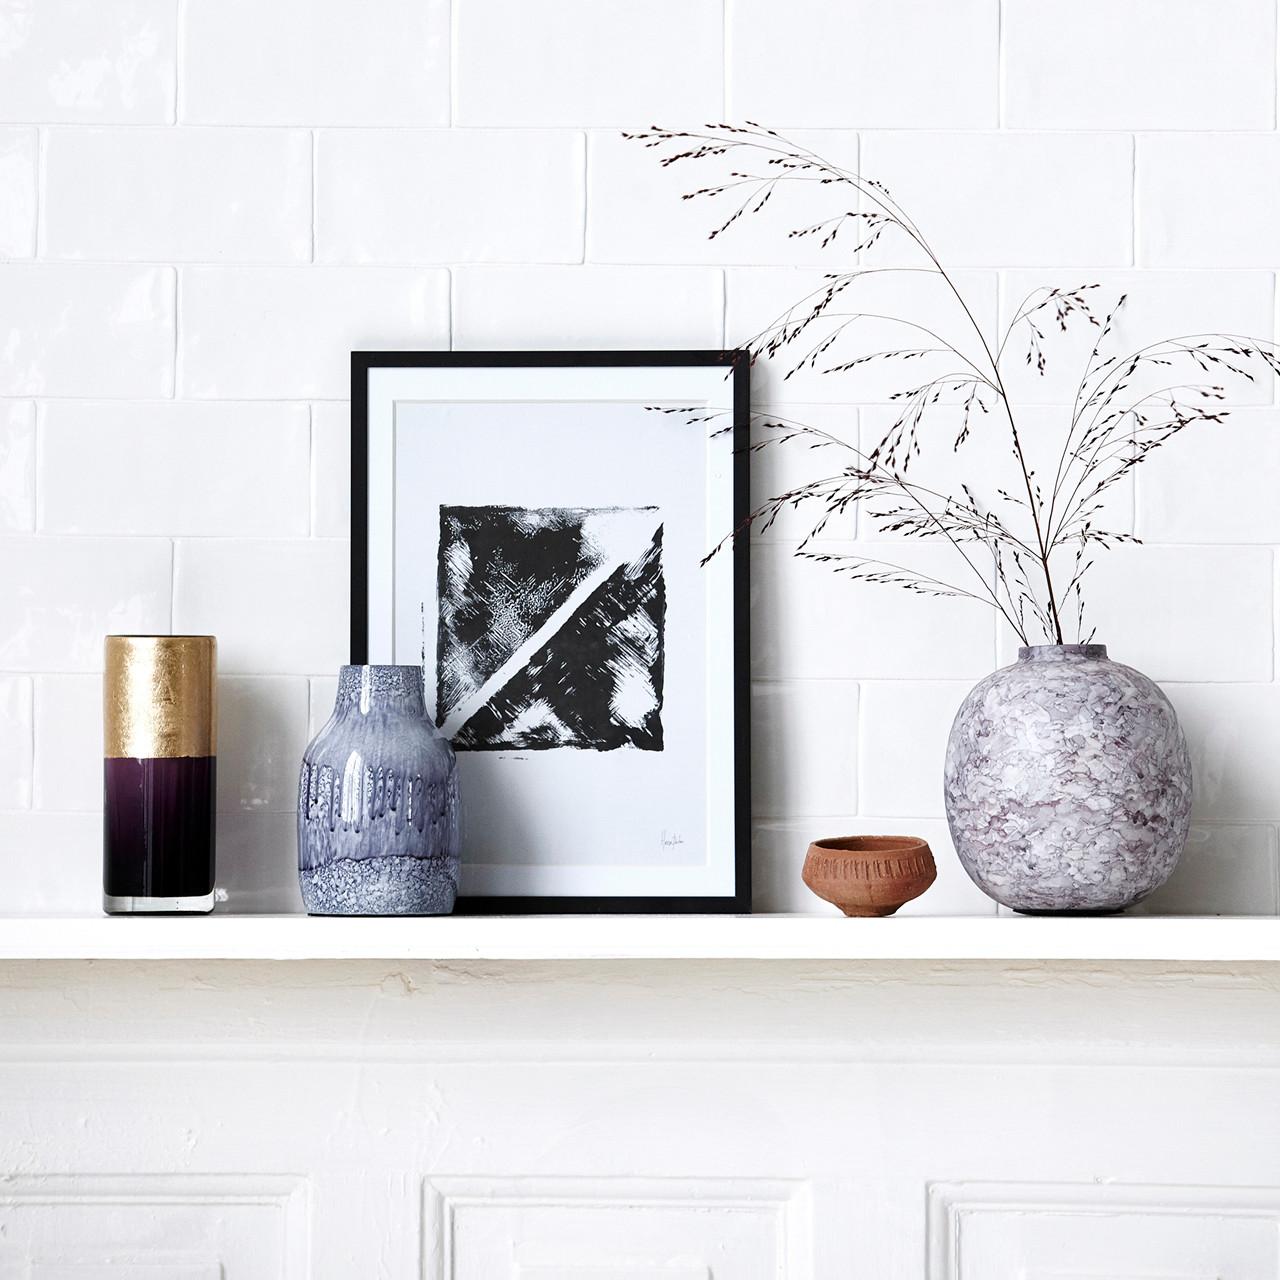 Billeder og plakater til dekoration i hjemmet   livingshop.dk